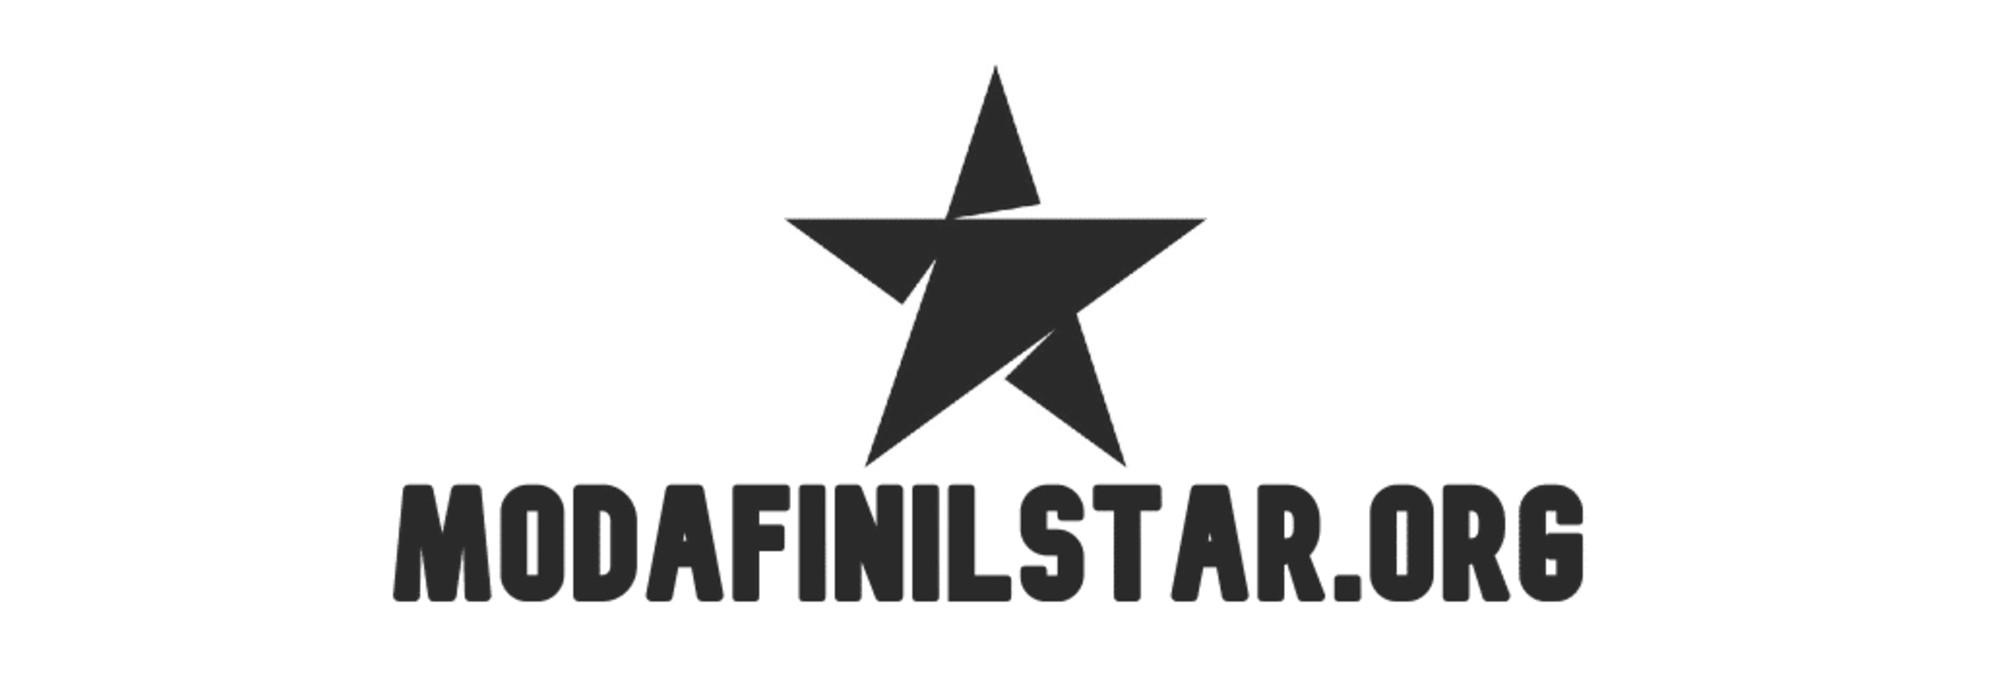 Modafinilstar.org